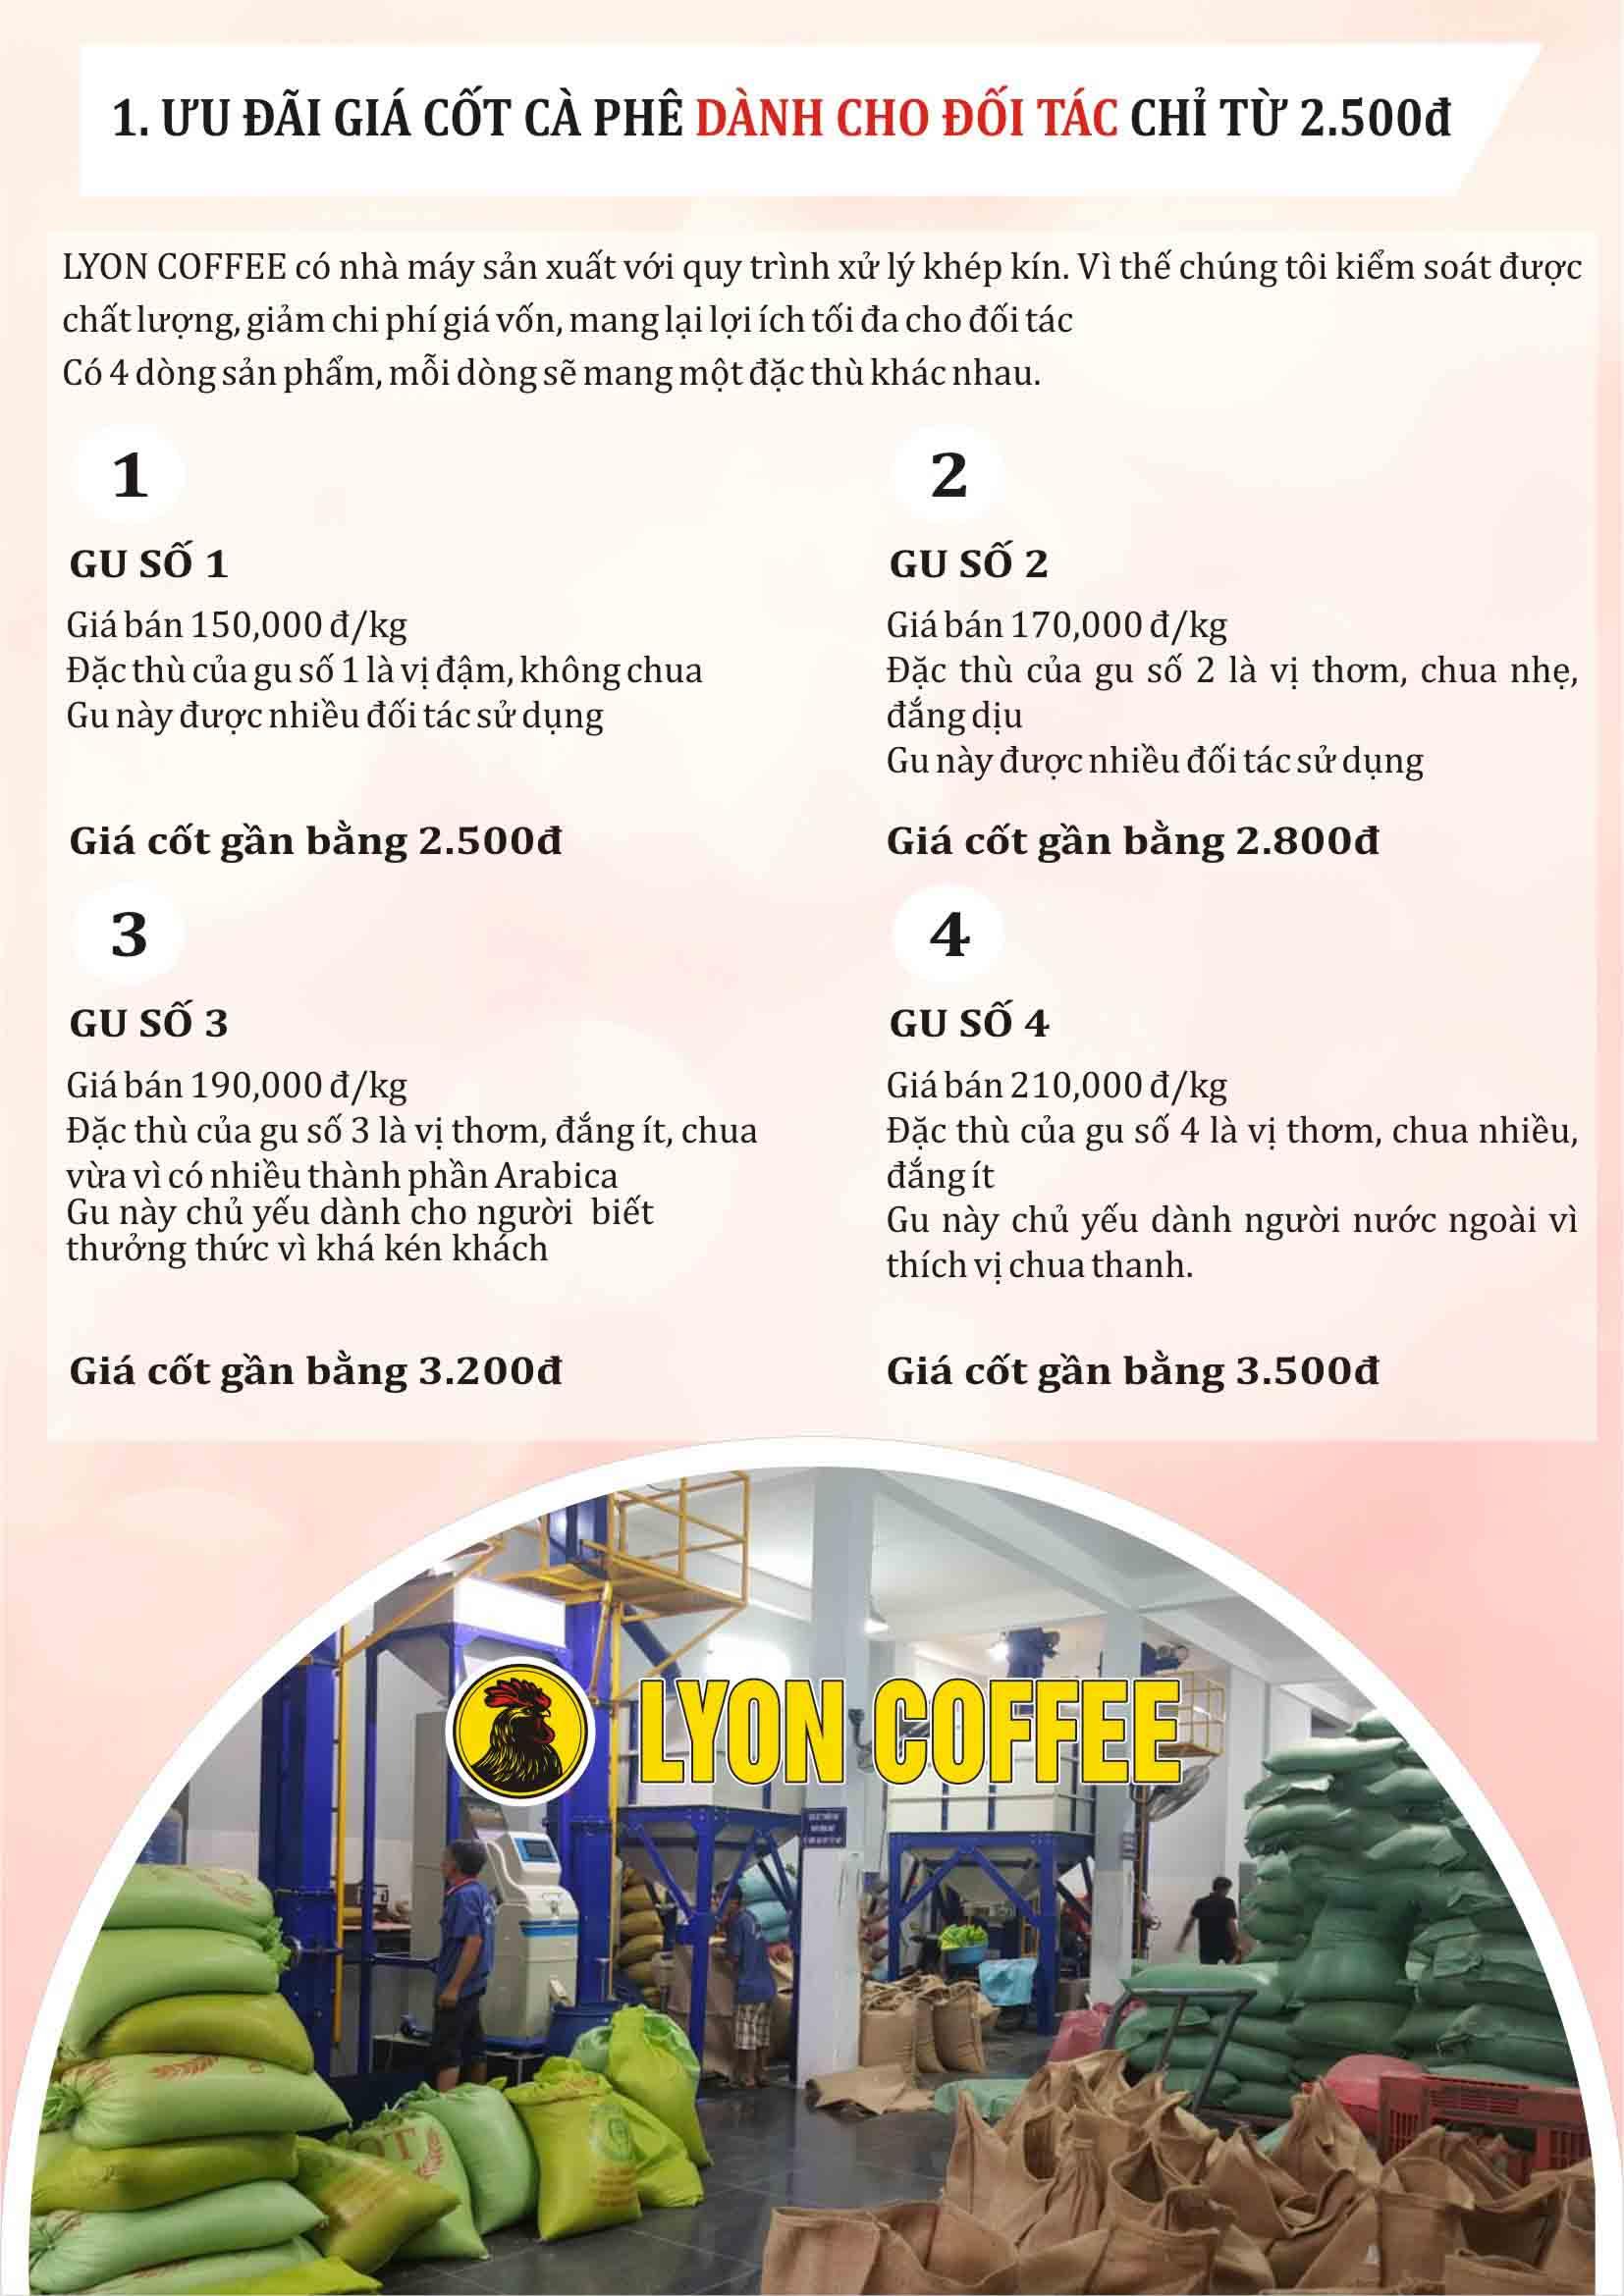 Hình ảnh quy trình sản xuất của Tổng Công Ty